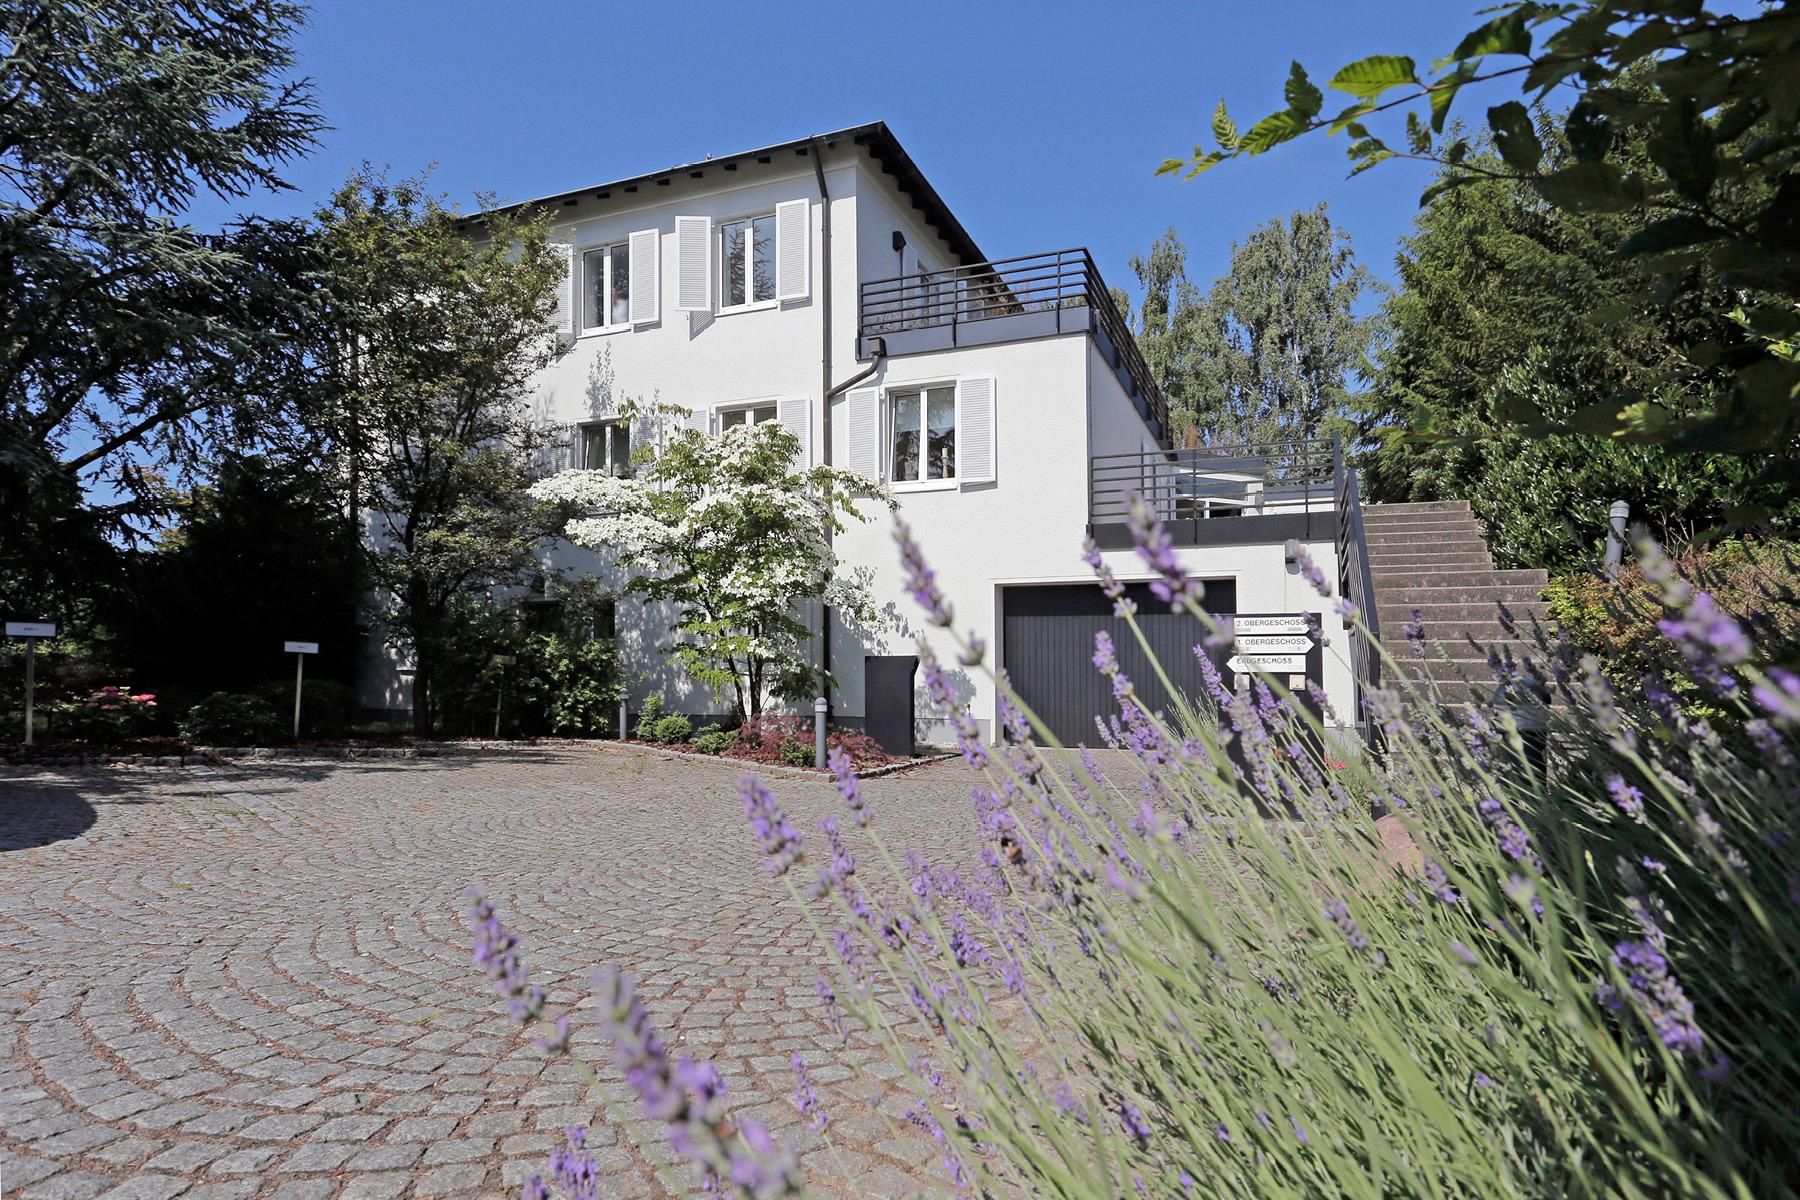 Property For Sale at Multi-Family Villa in idyllic dream plot